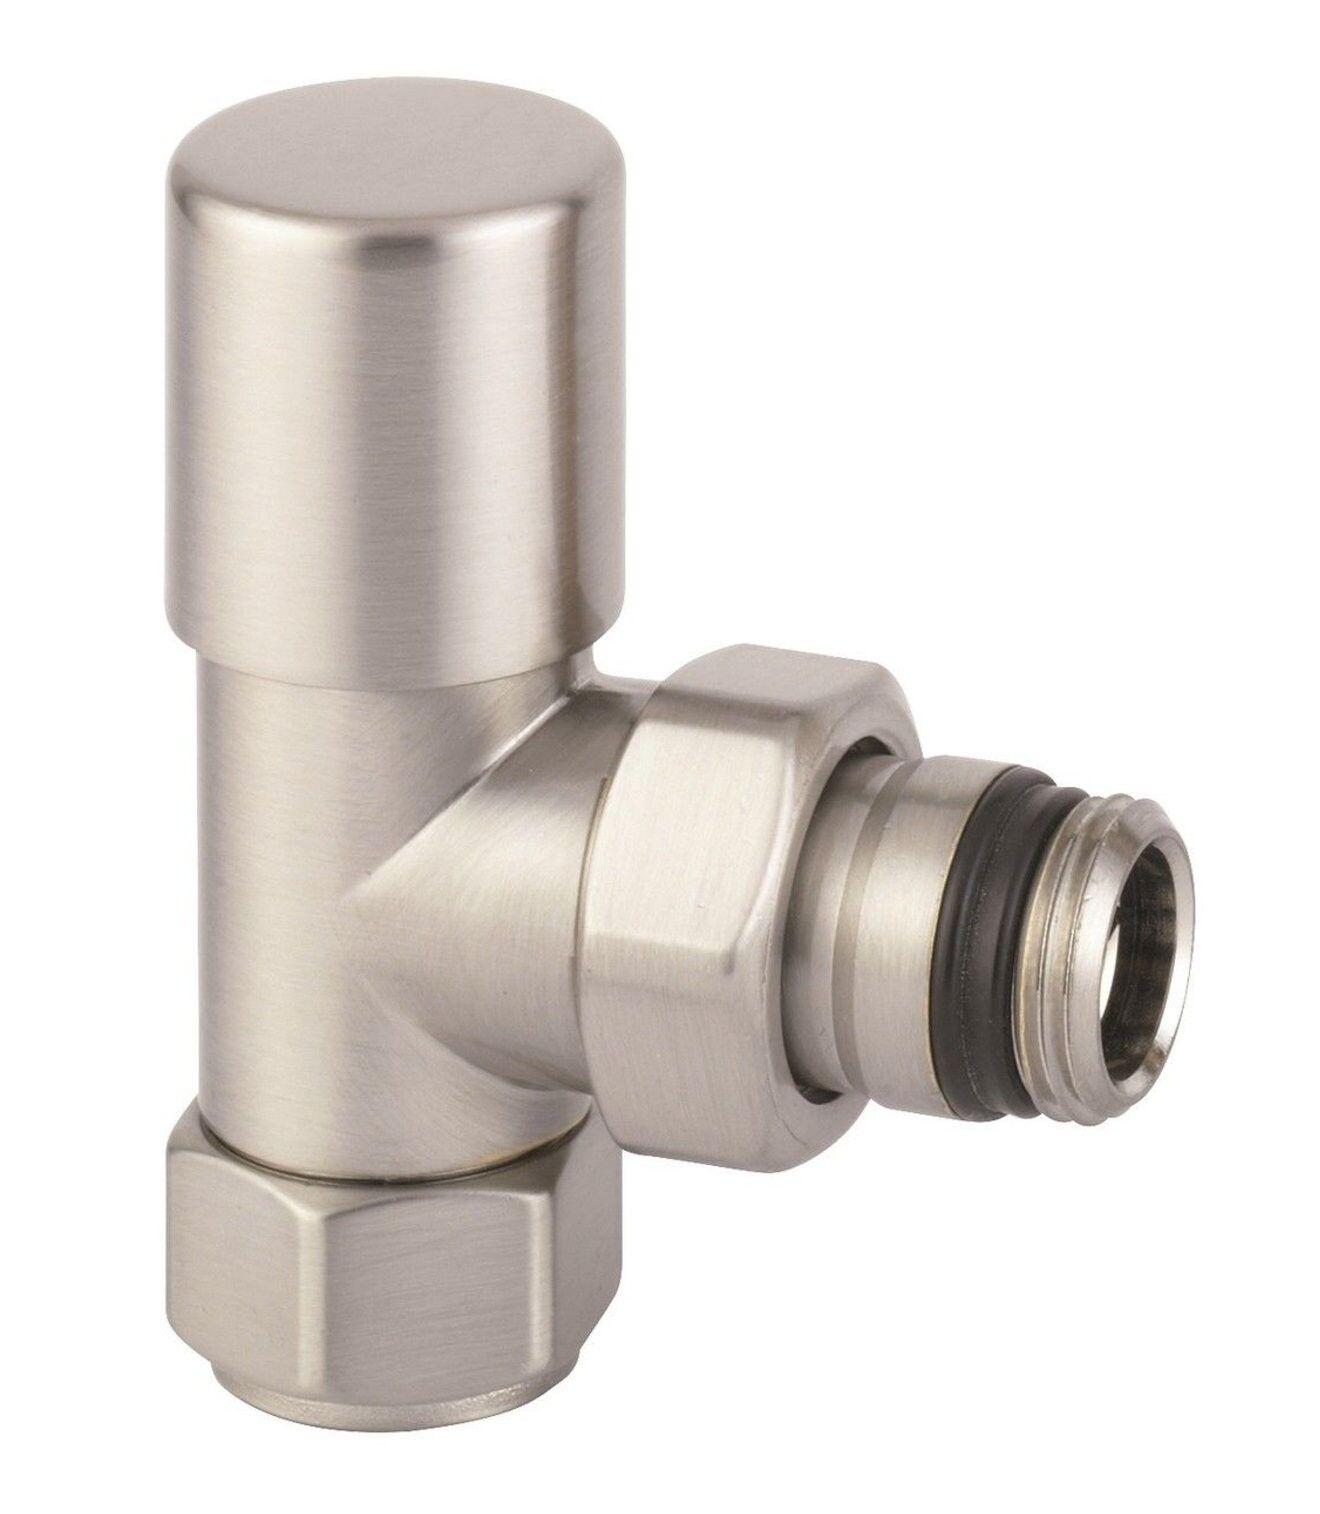 Arteclima valvola a squadra termostatizzabile acciaio spazzolato 308MA acciaio satinato